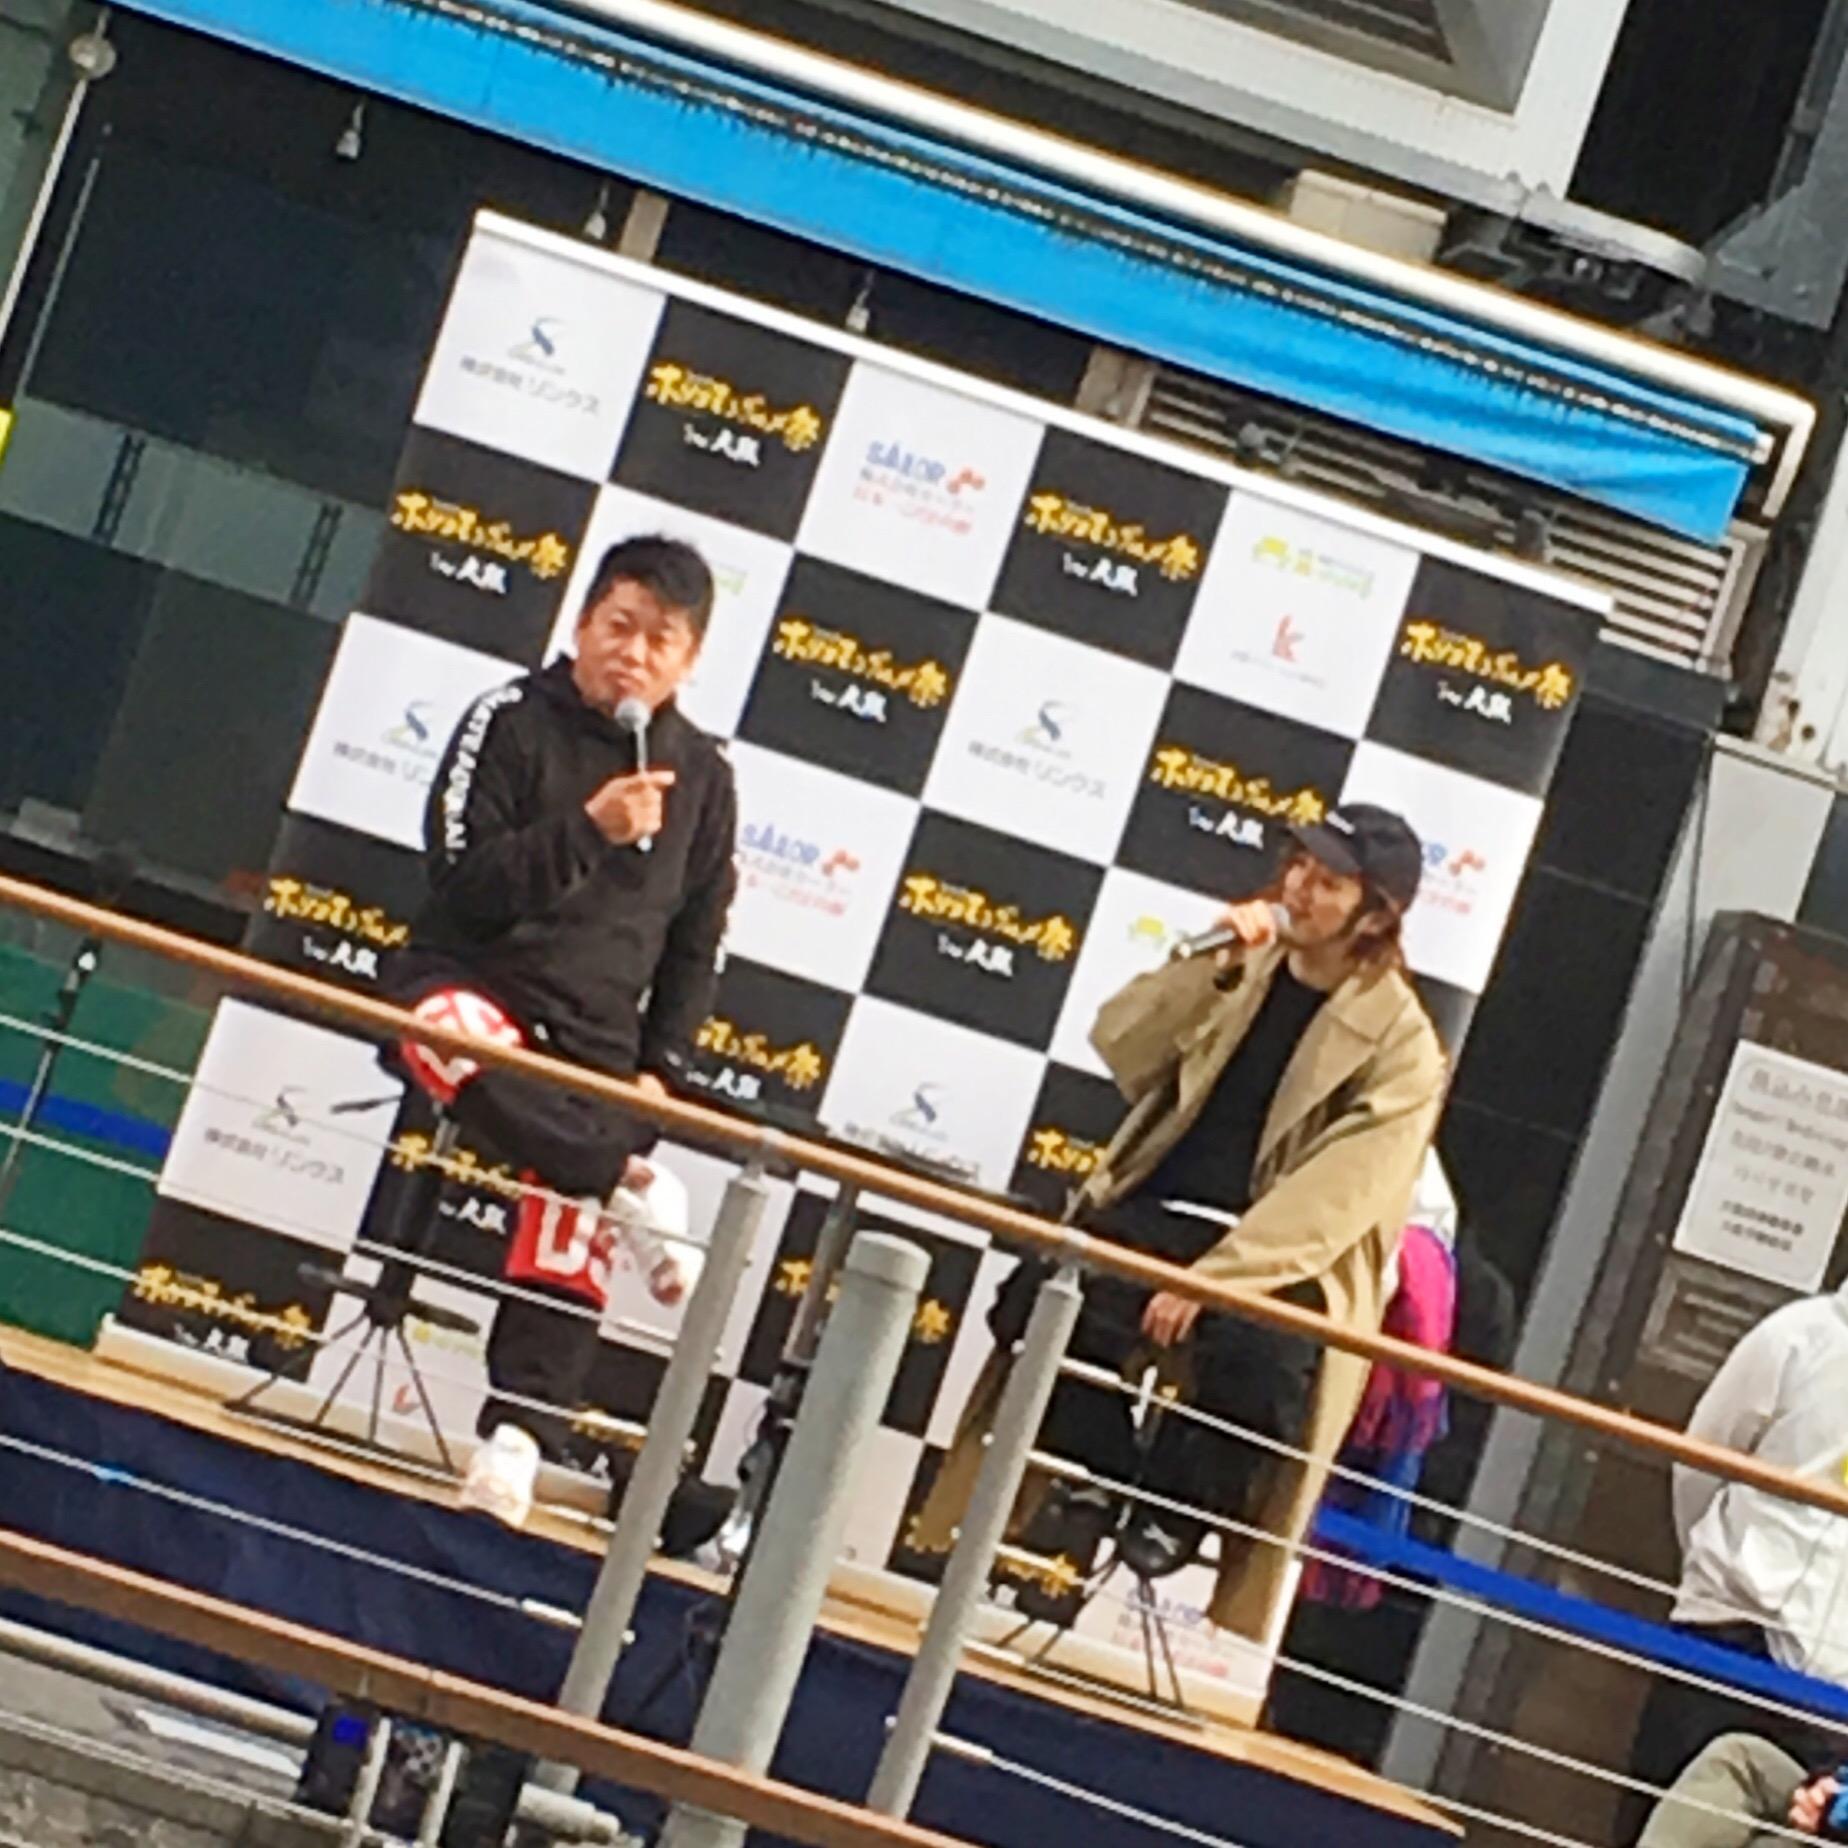 ホリエモングルメ祭in大阪,トークライブ,道頓堀